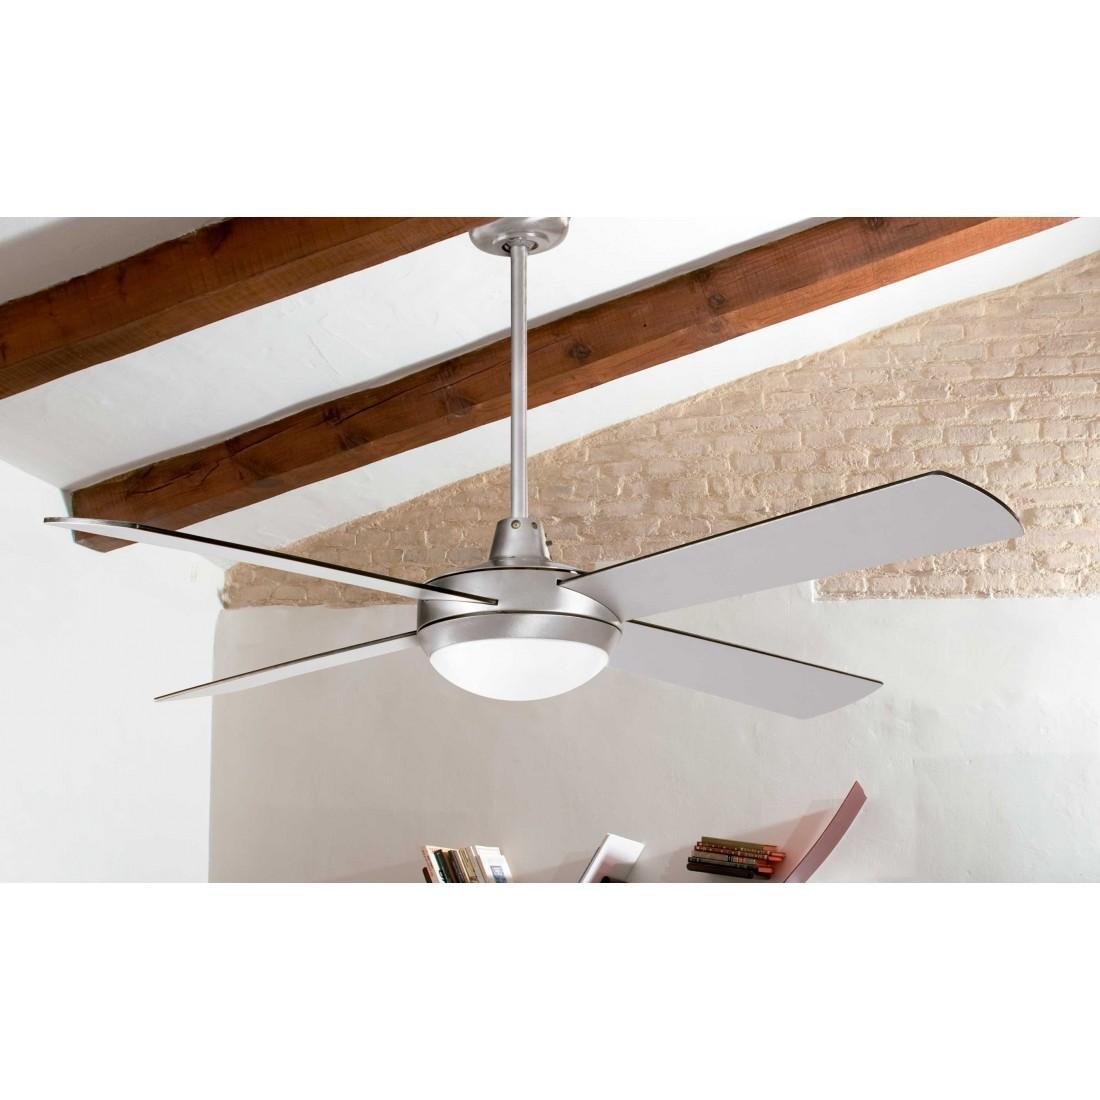 Decorar cuartos con manualidades ventiladores de techo - Ventiladores de techo precios ...